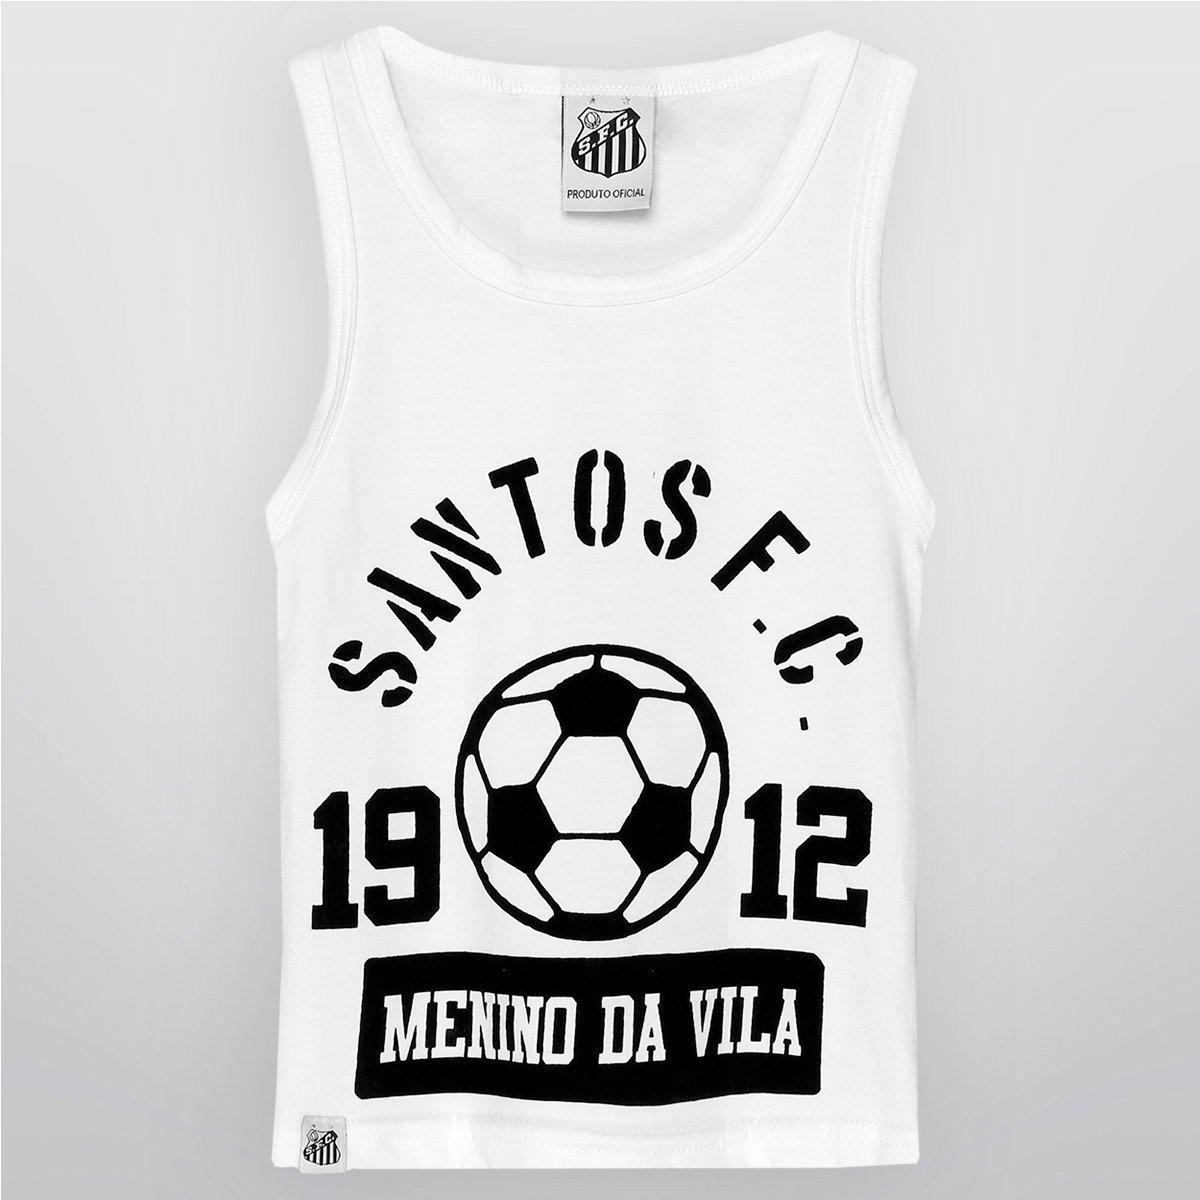 ce185bc8a8fad Camiseta Regata Santos Menino Da Vila Infantil - Compre Agora